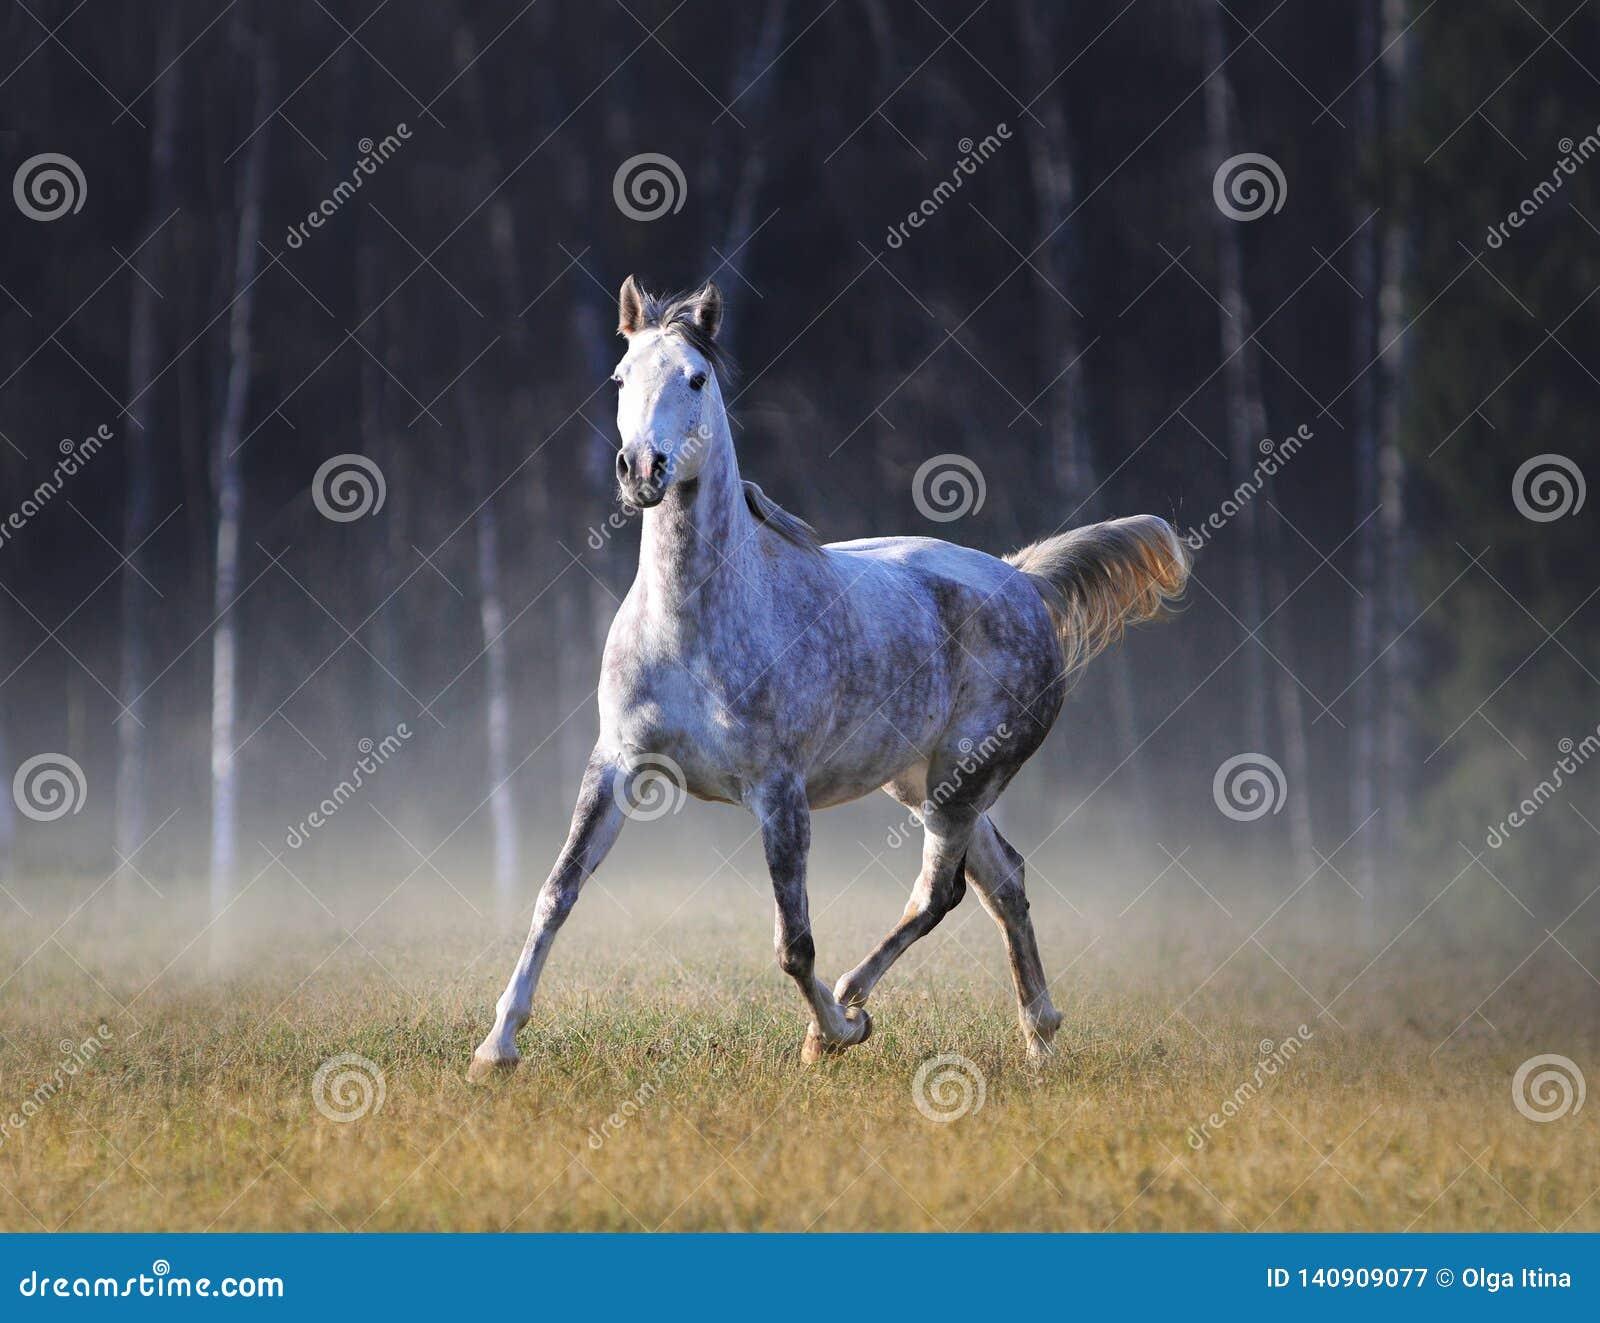 灰色阿拉伯马在冷淡的秋天上午任意跑